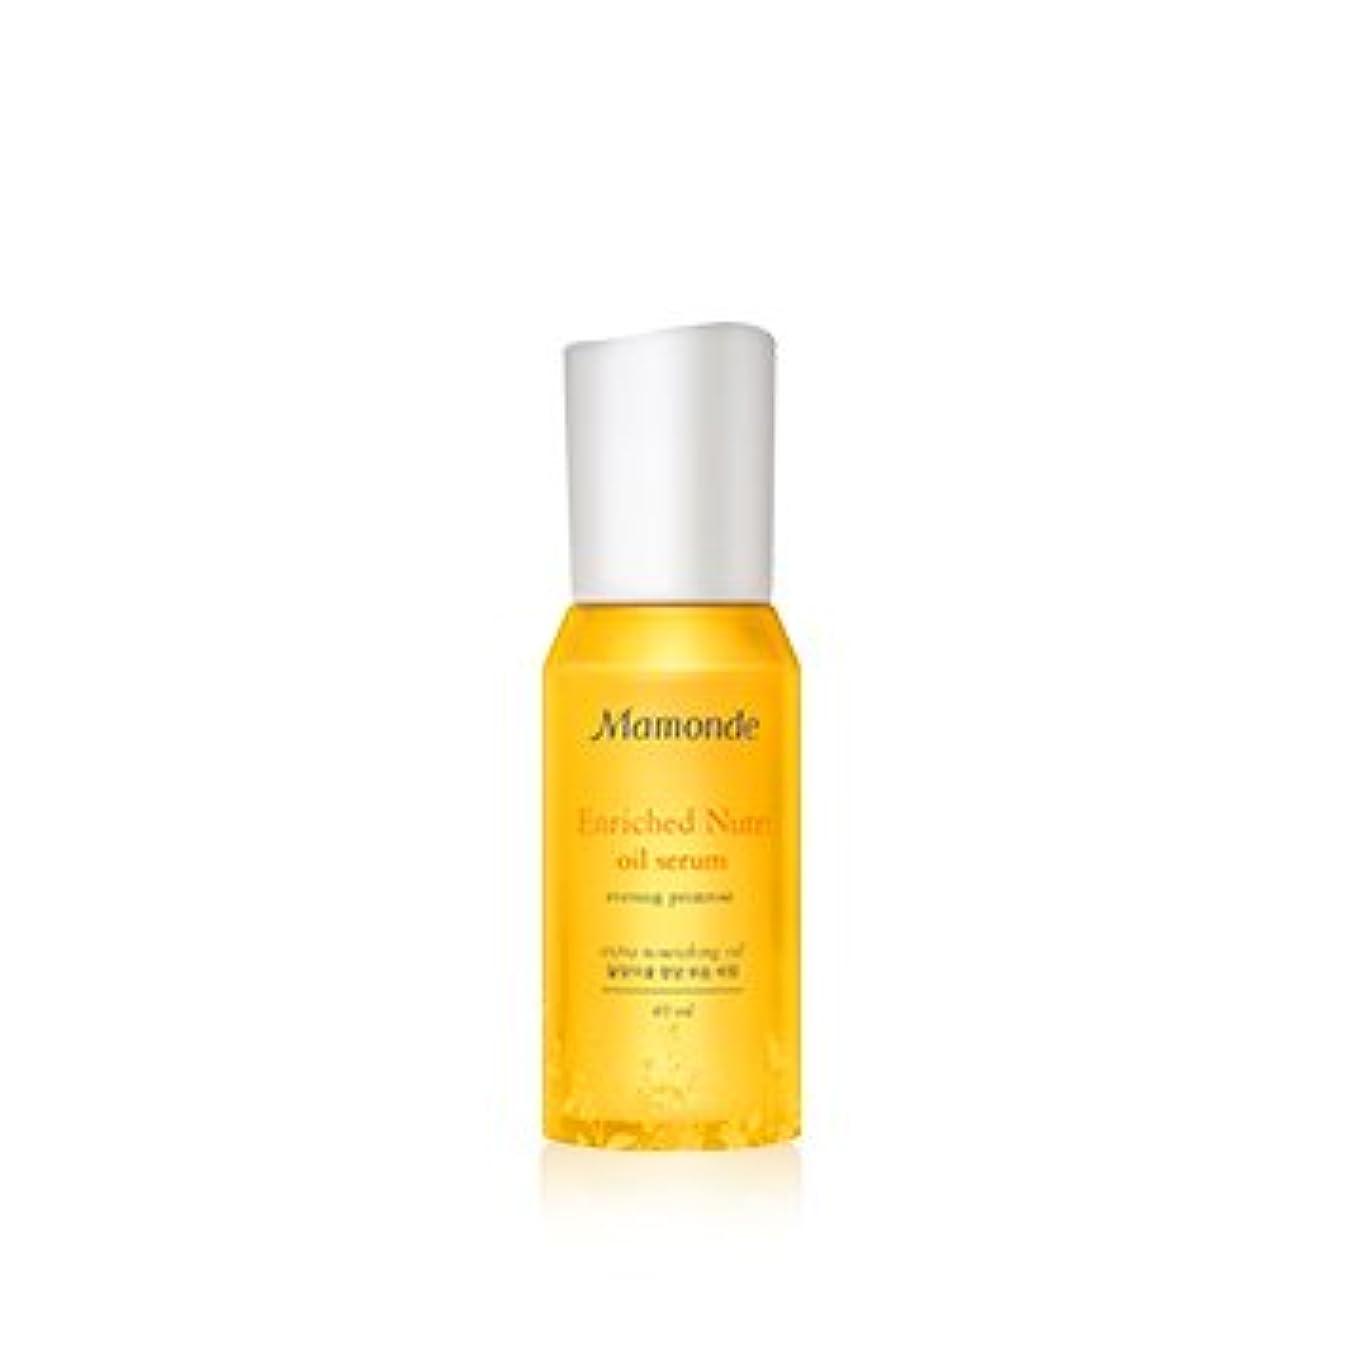 励起優先権インスタンス[New] Mamonde Enriched Nutri Oil Serum 40ml/マモンド エンリッチド ニュートリ オイル セラム 40ml